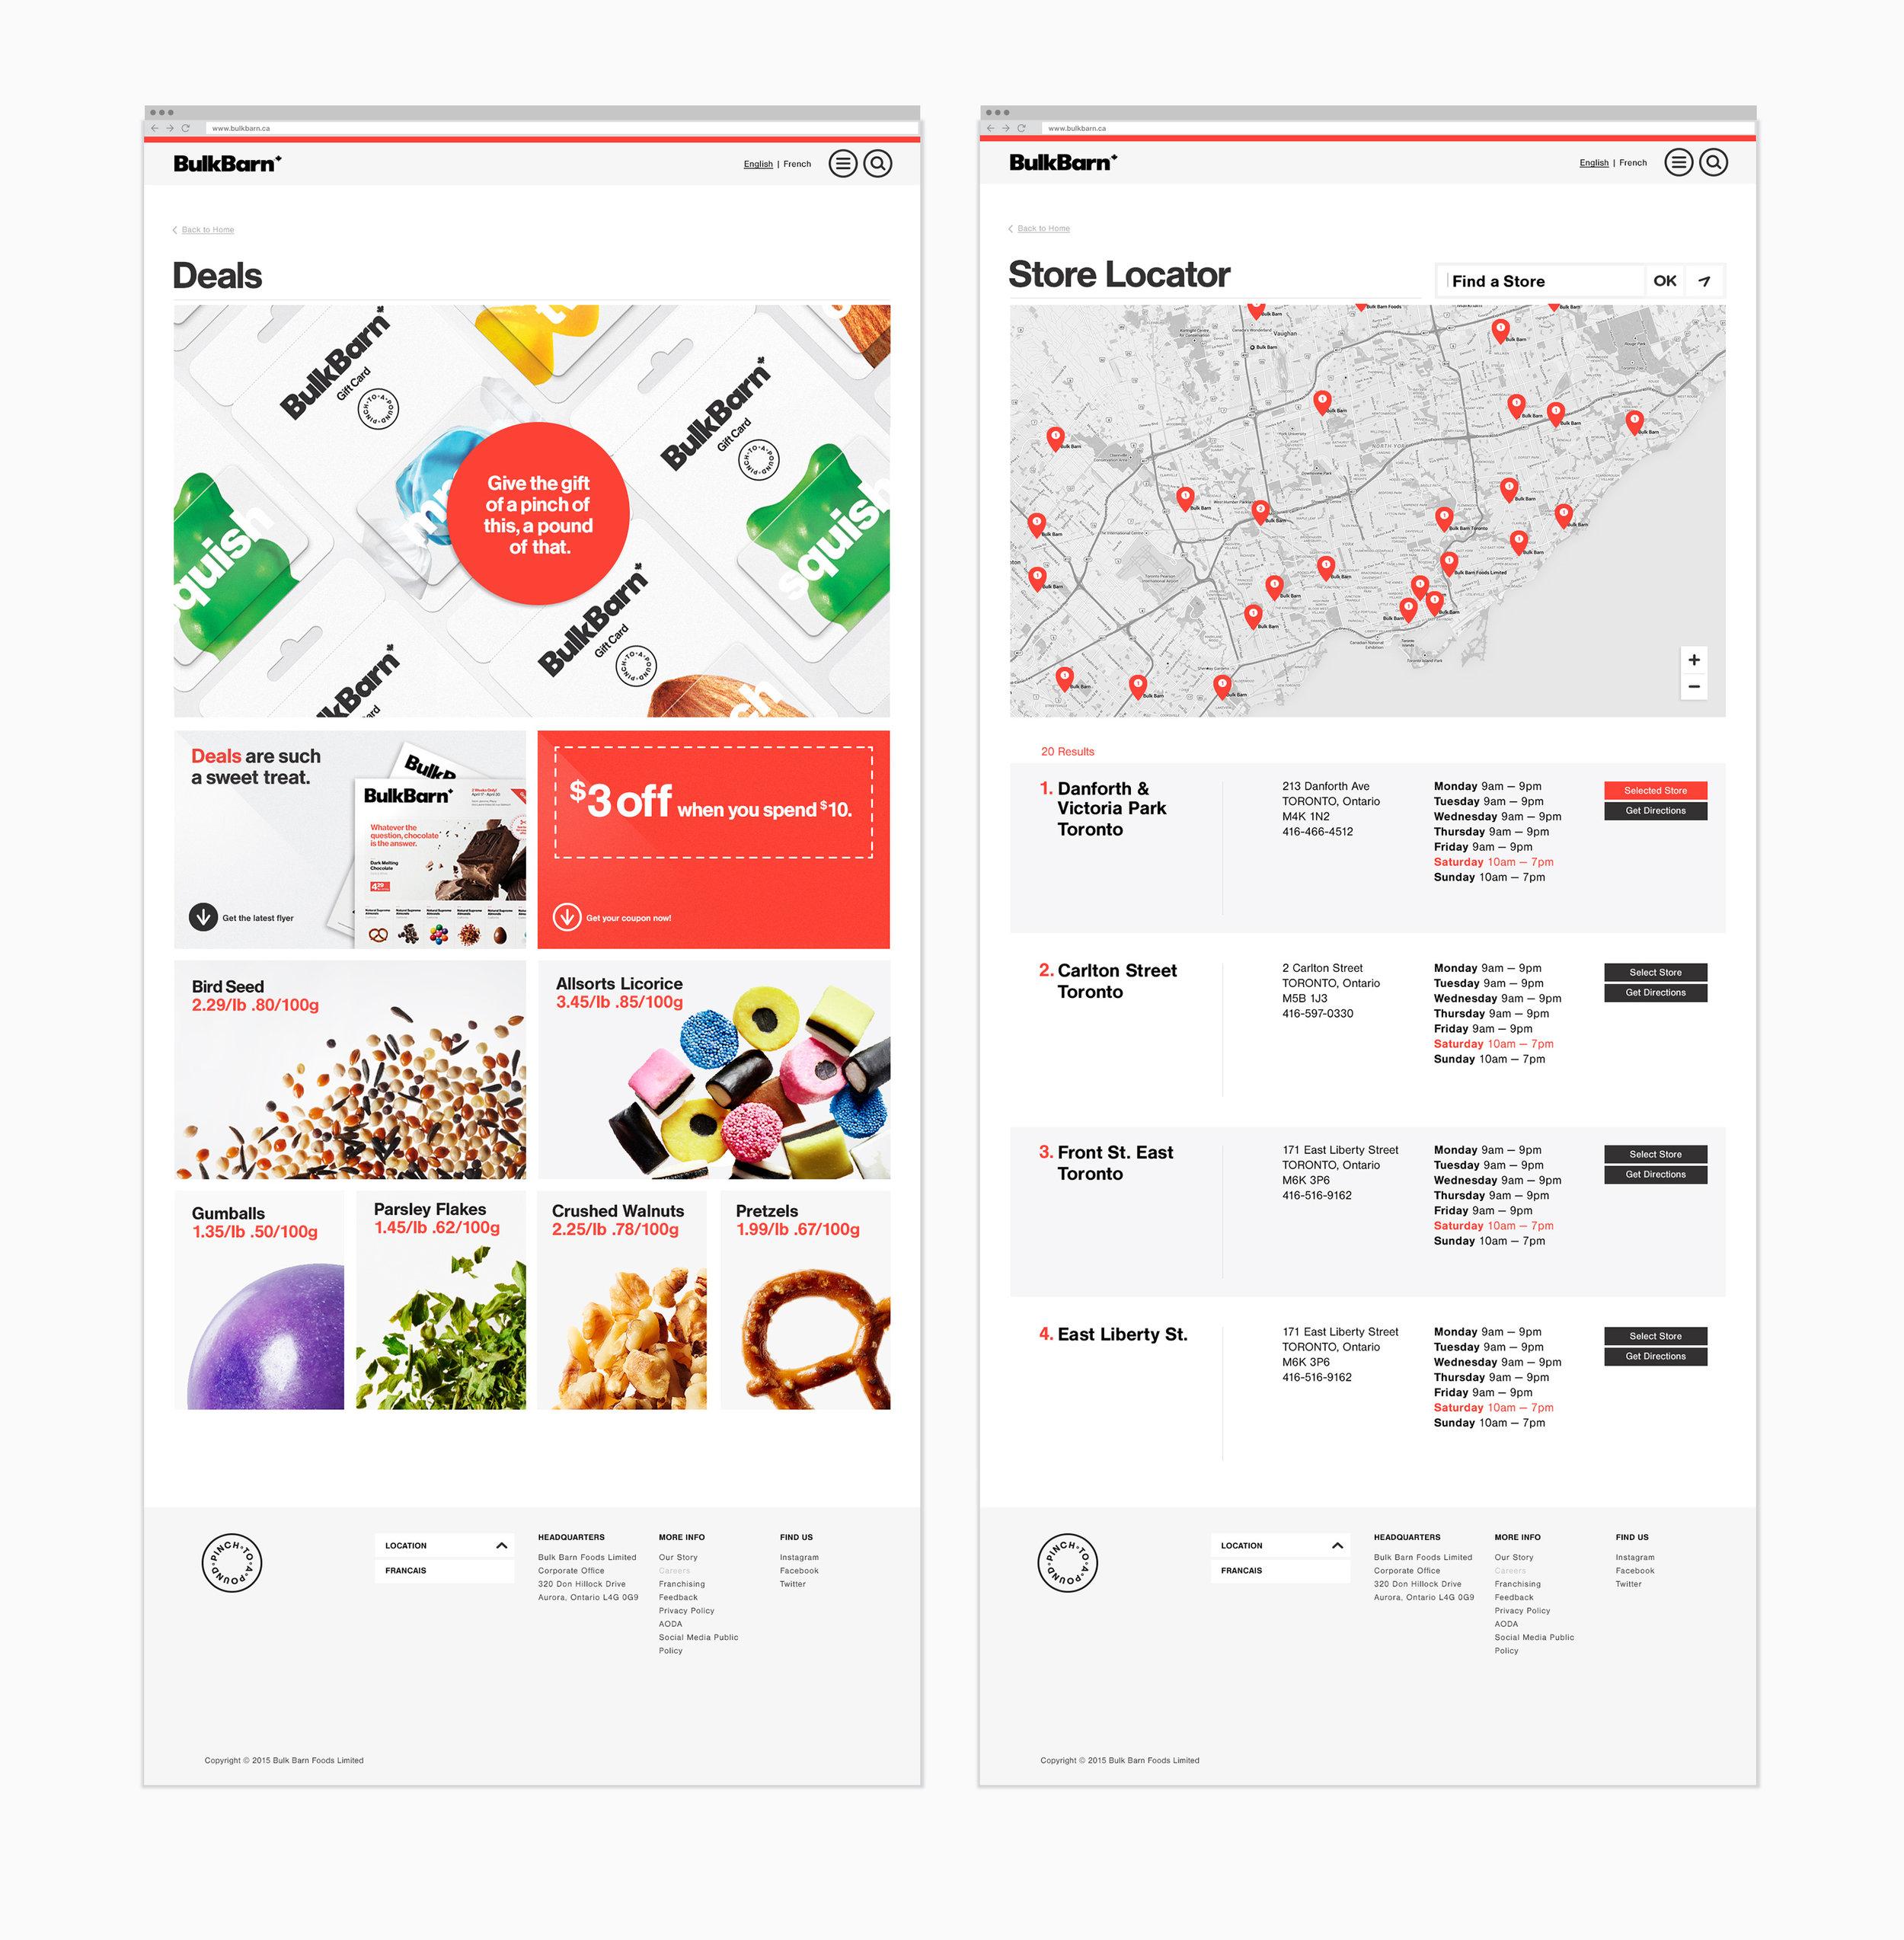 BulkBarn_Website_Interior-Pages-2.jpg